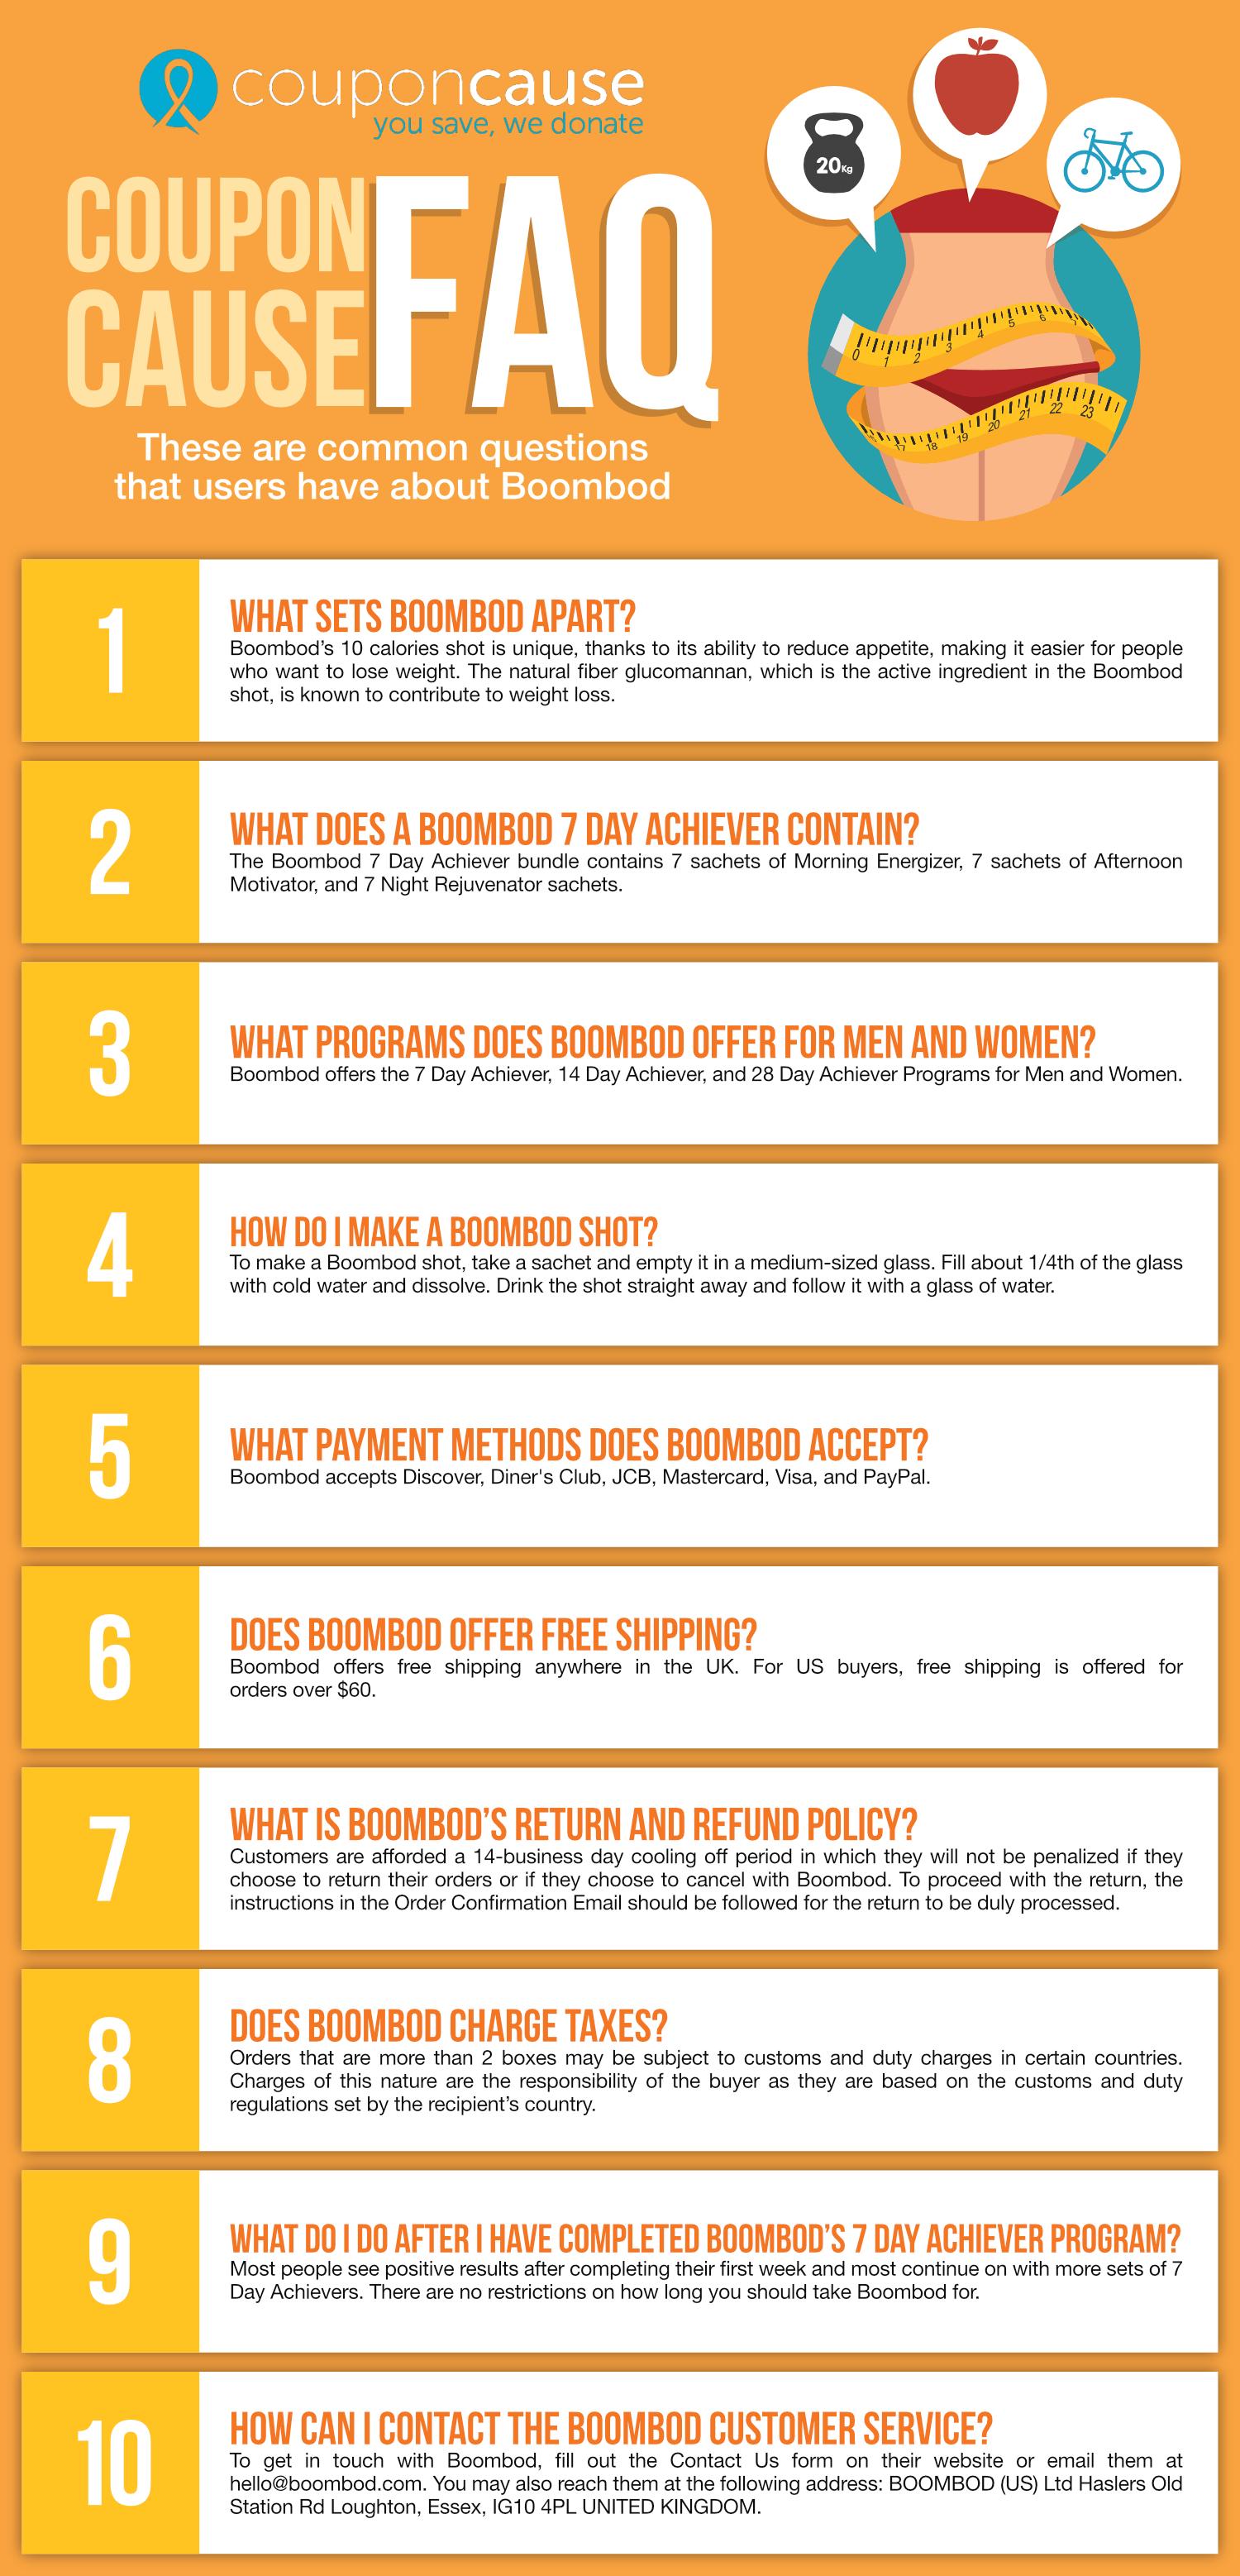 Boombod Coupon Cause FAQ (C.C. FAQ)